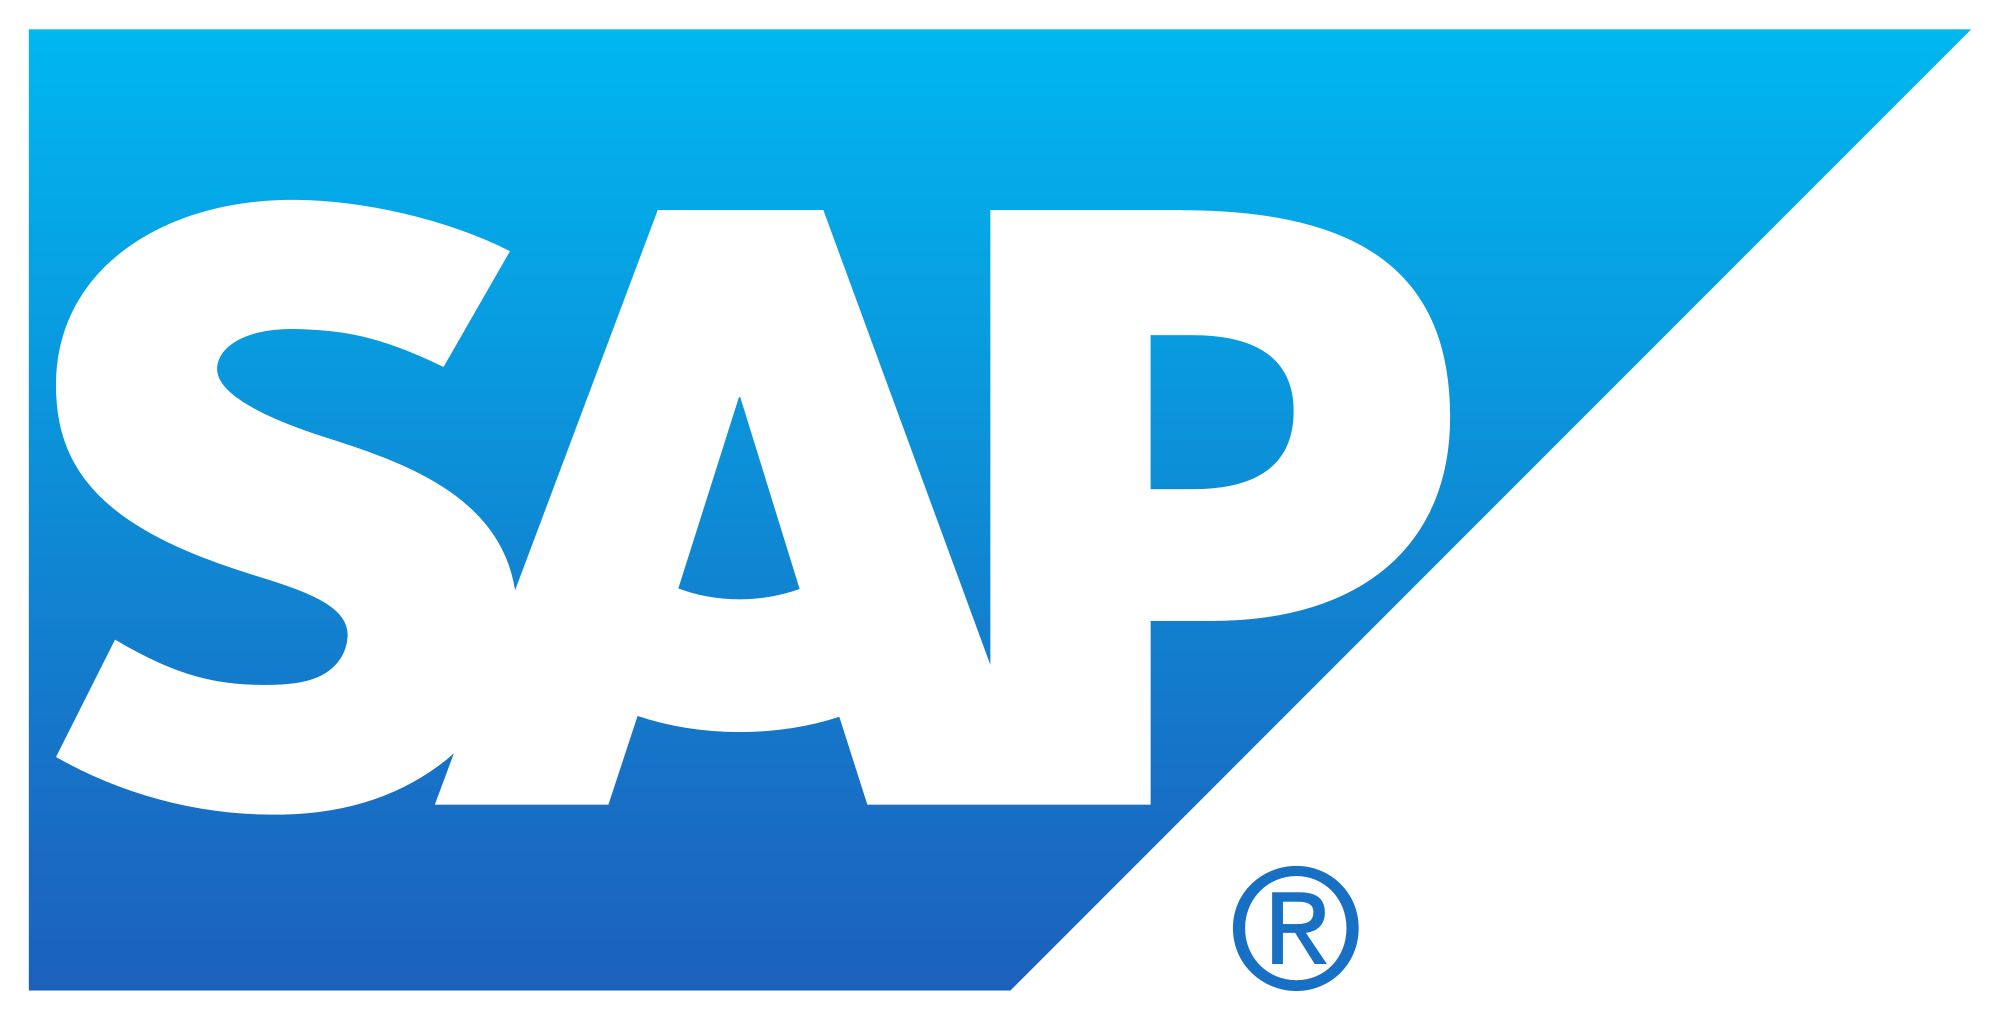 SAP-logo-image